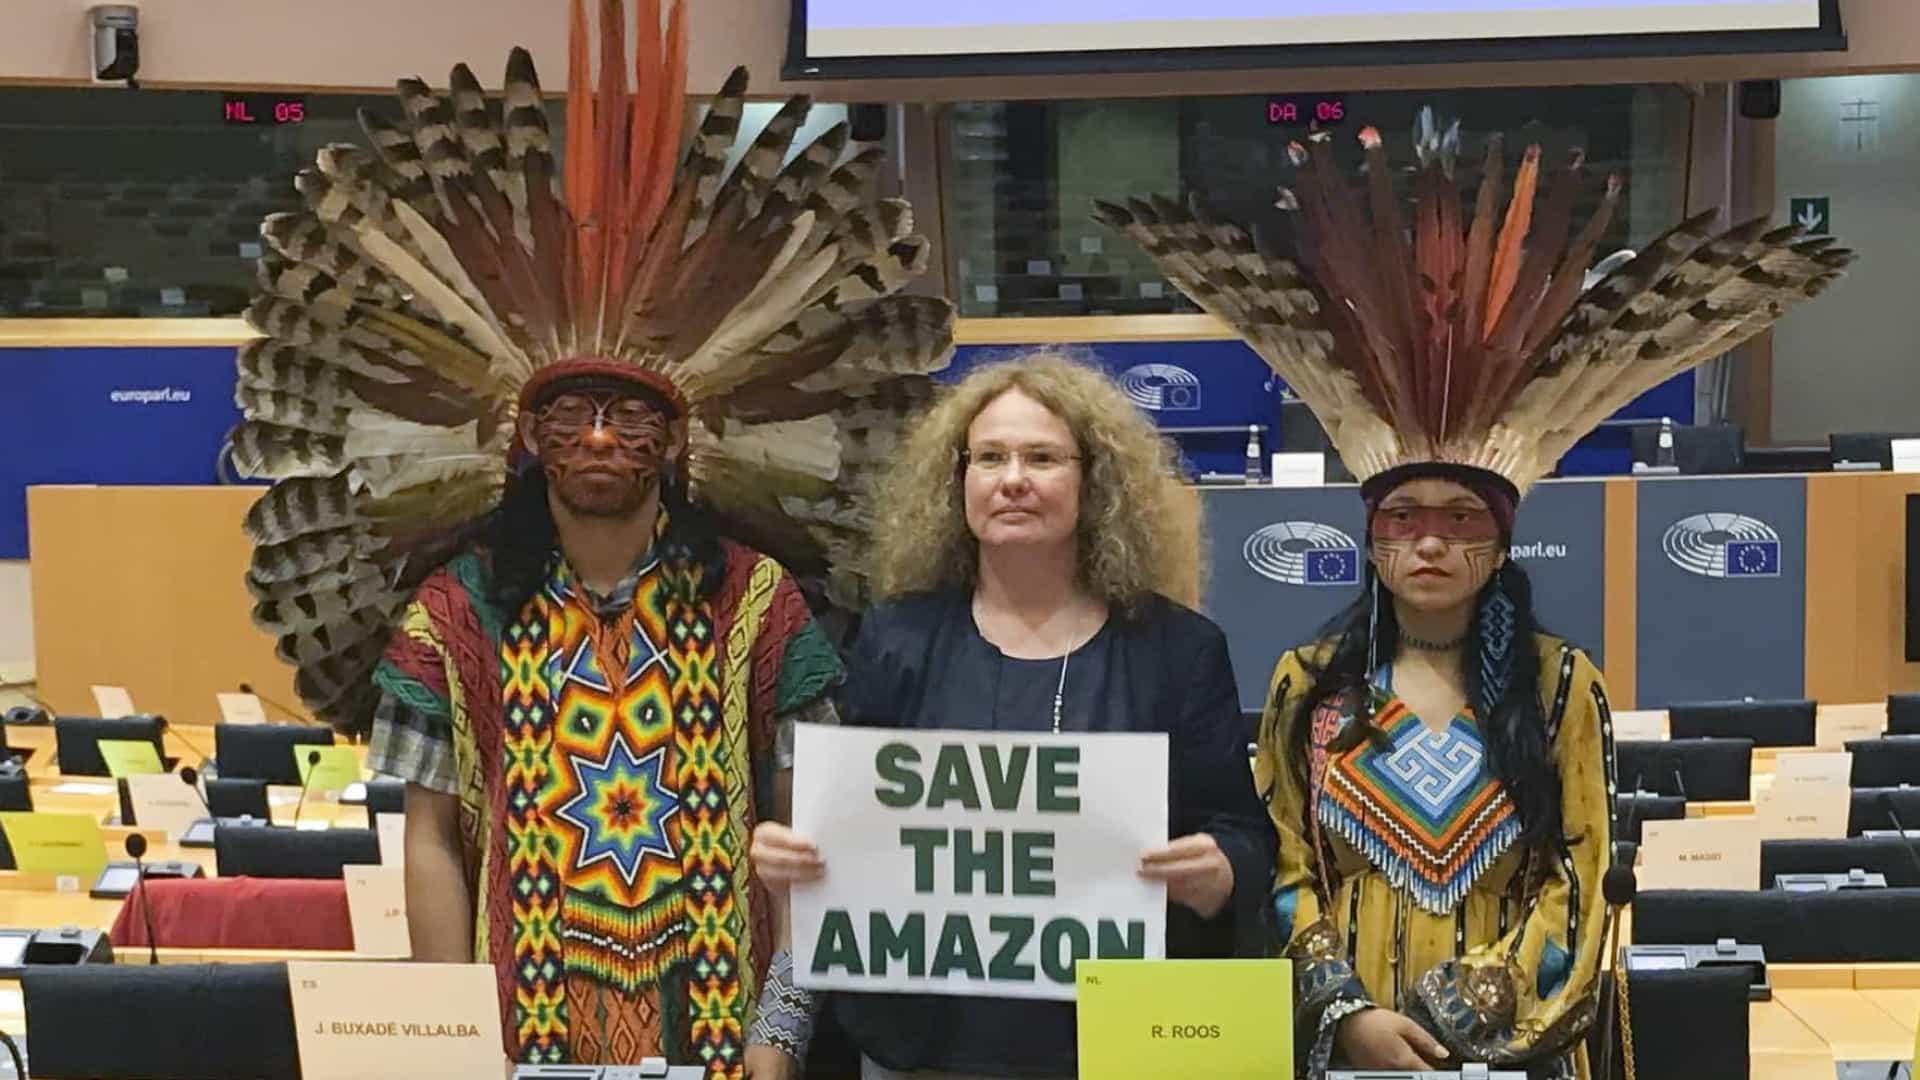 26977556 - Estudo diz que abrir terras indígenas pode prejudicar Brasil